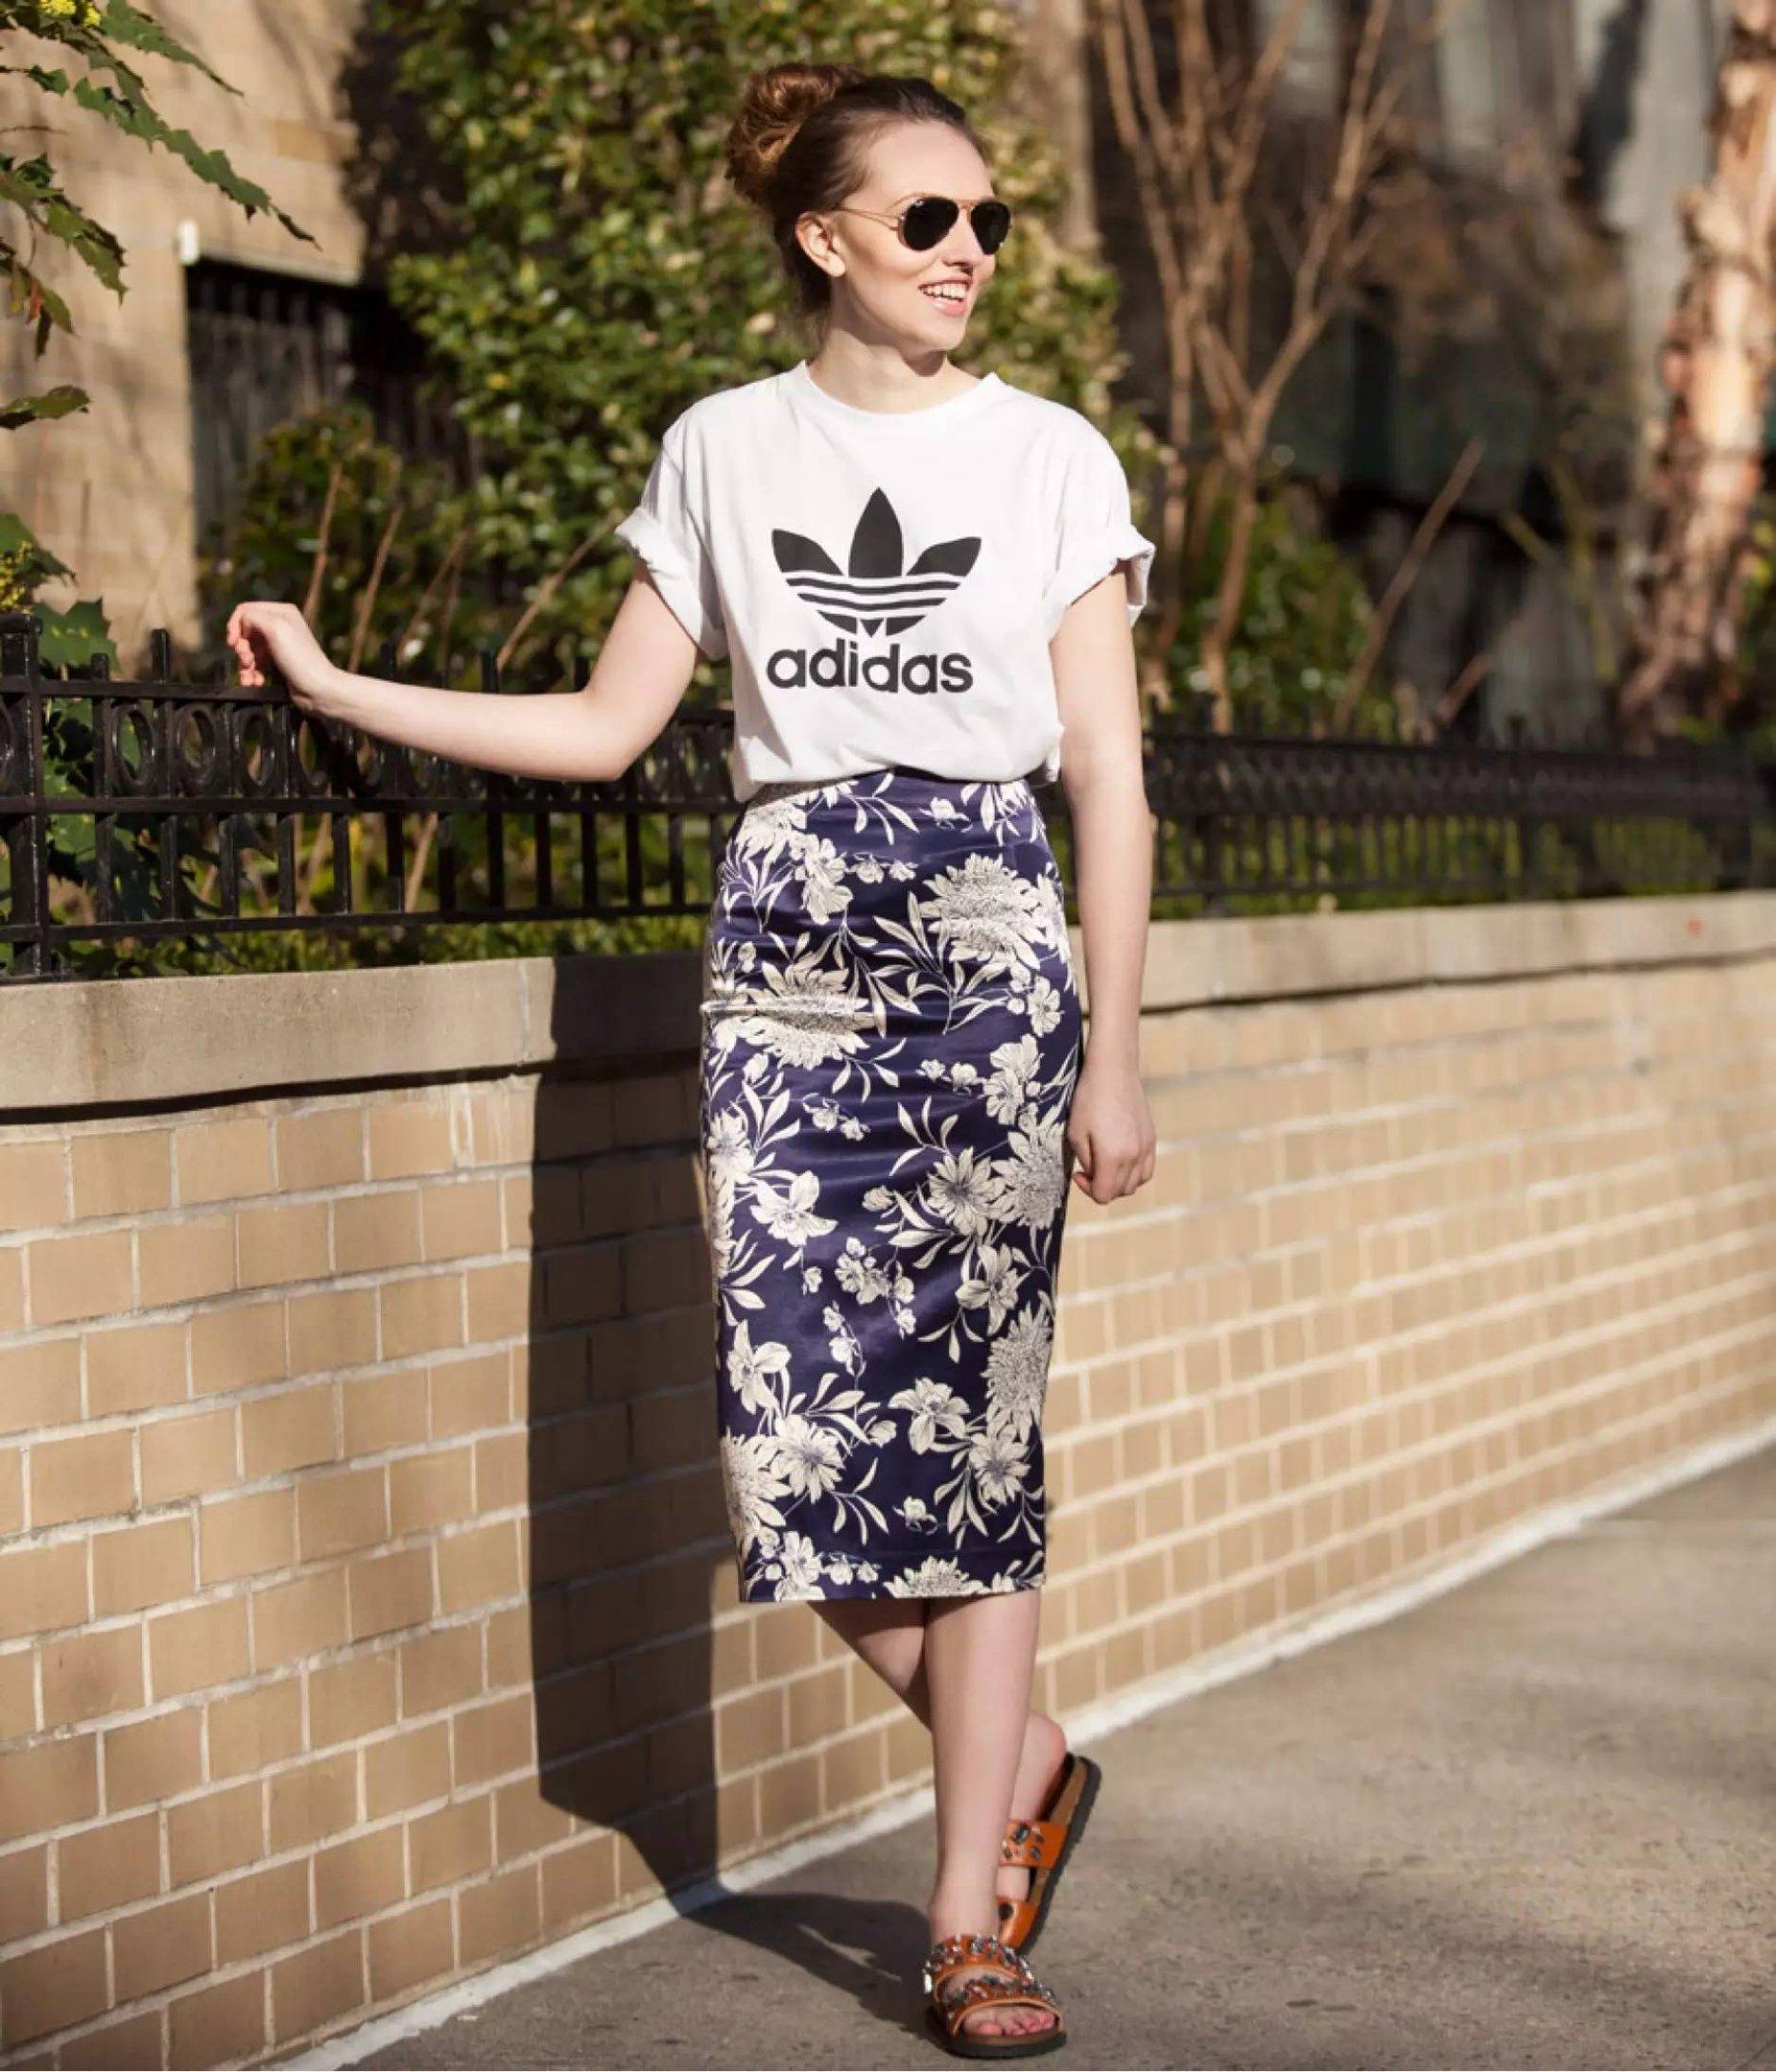 Mulher parada em frente a muro posa para foto de street style vestindo camiseta da adidas branca, saia lápis midi floral